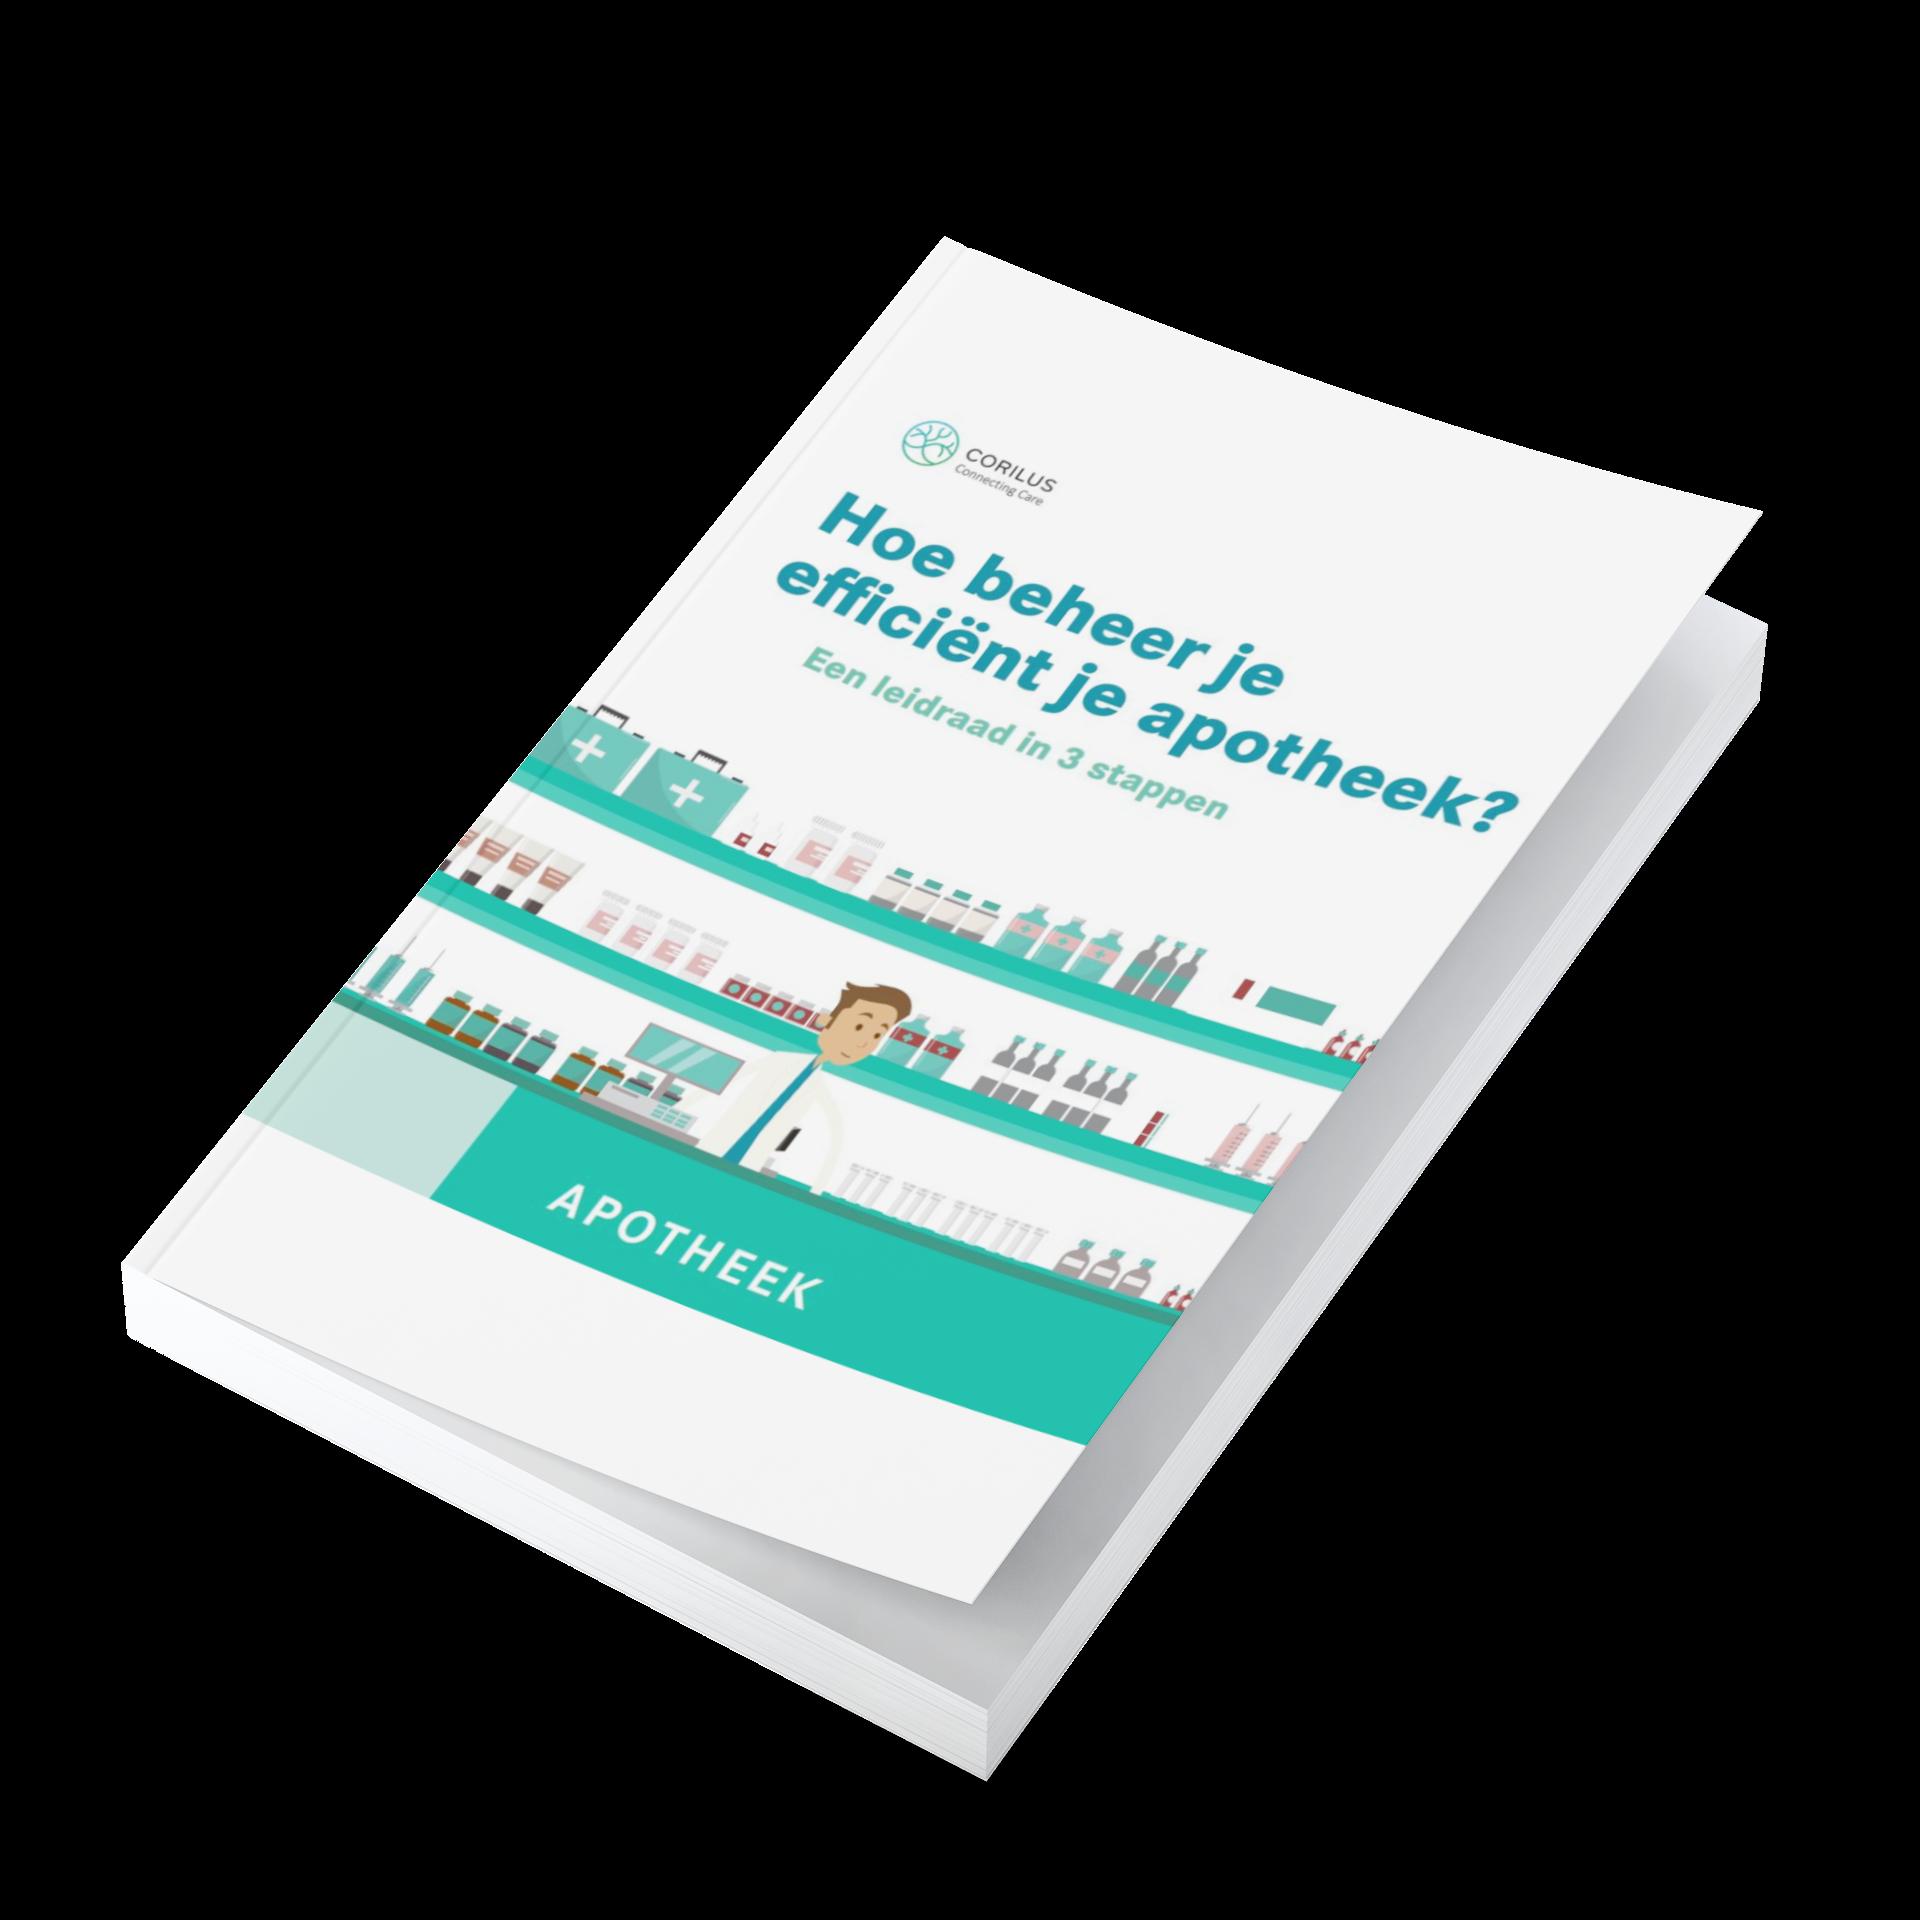 Pharma - mockup cover ebook 1 - NL.JPG